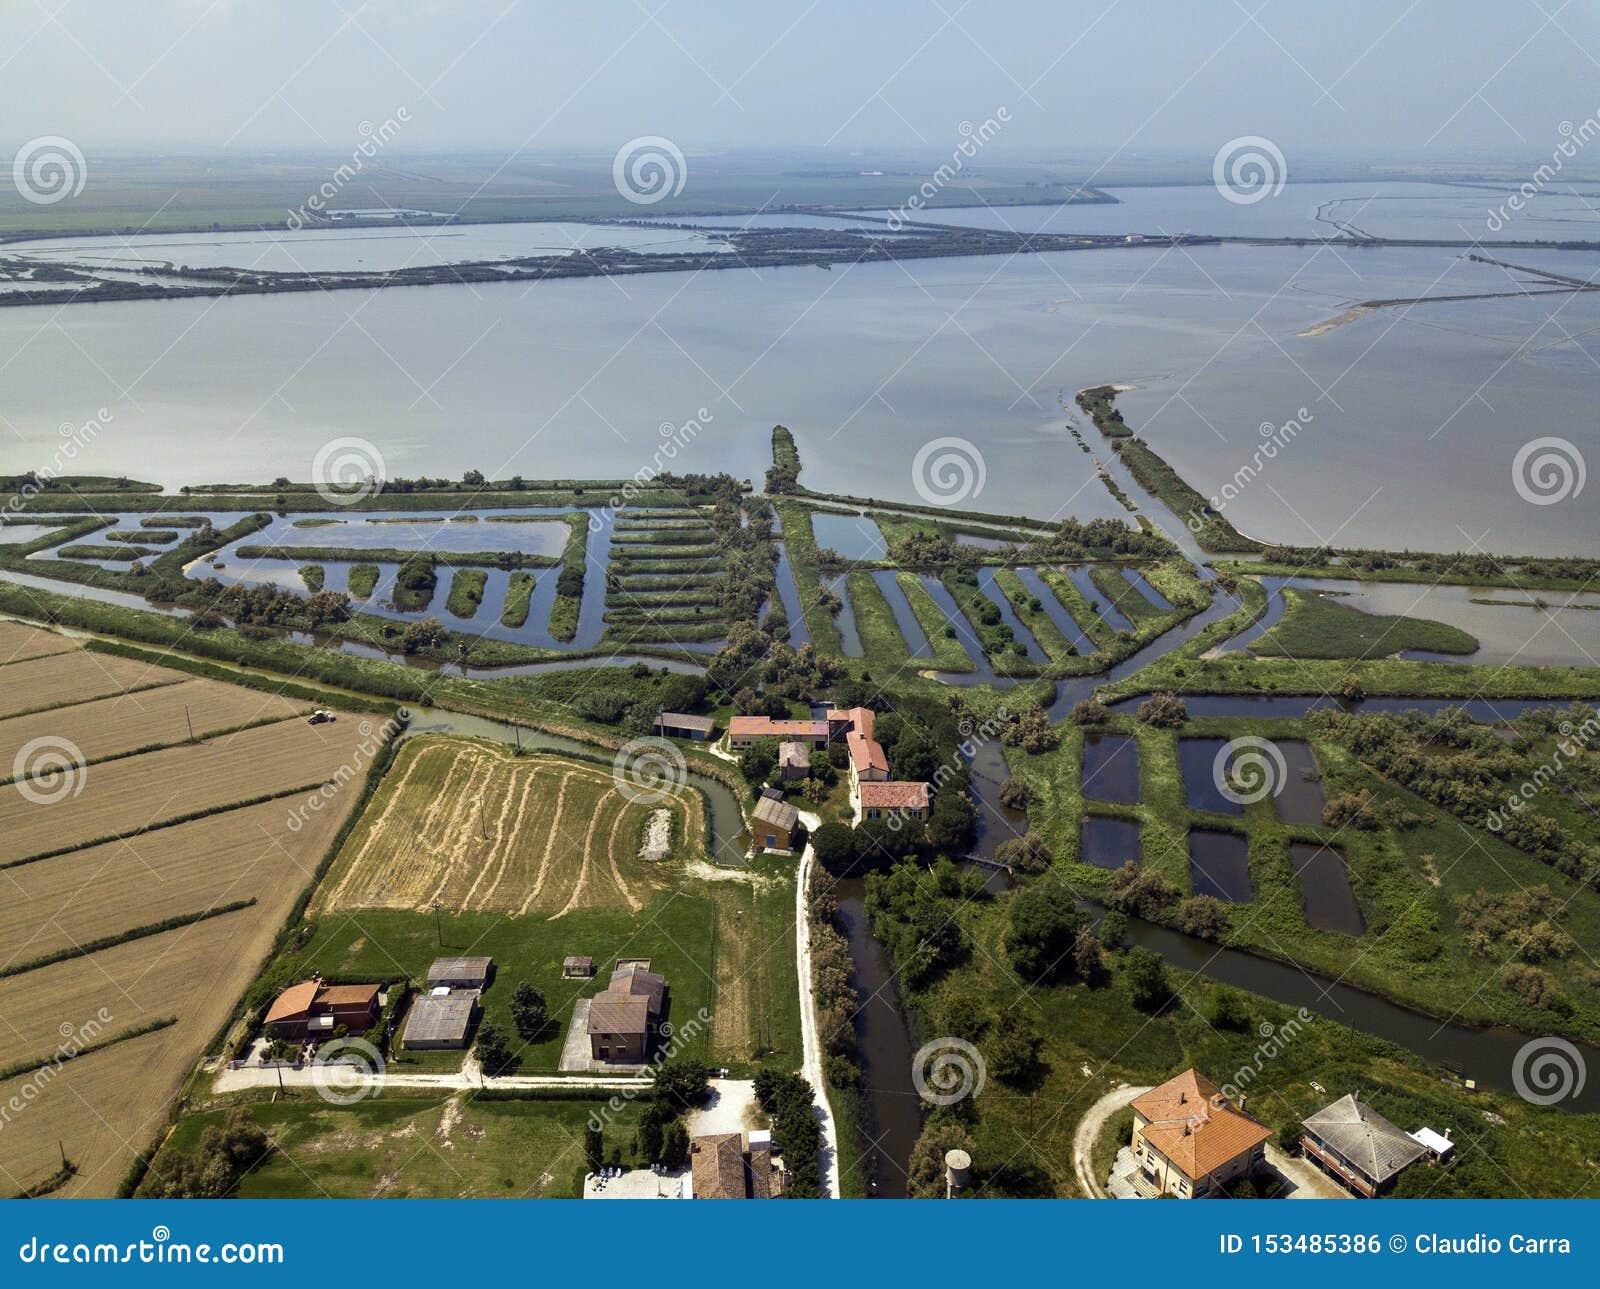 River Po Veneto Italy